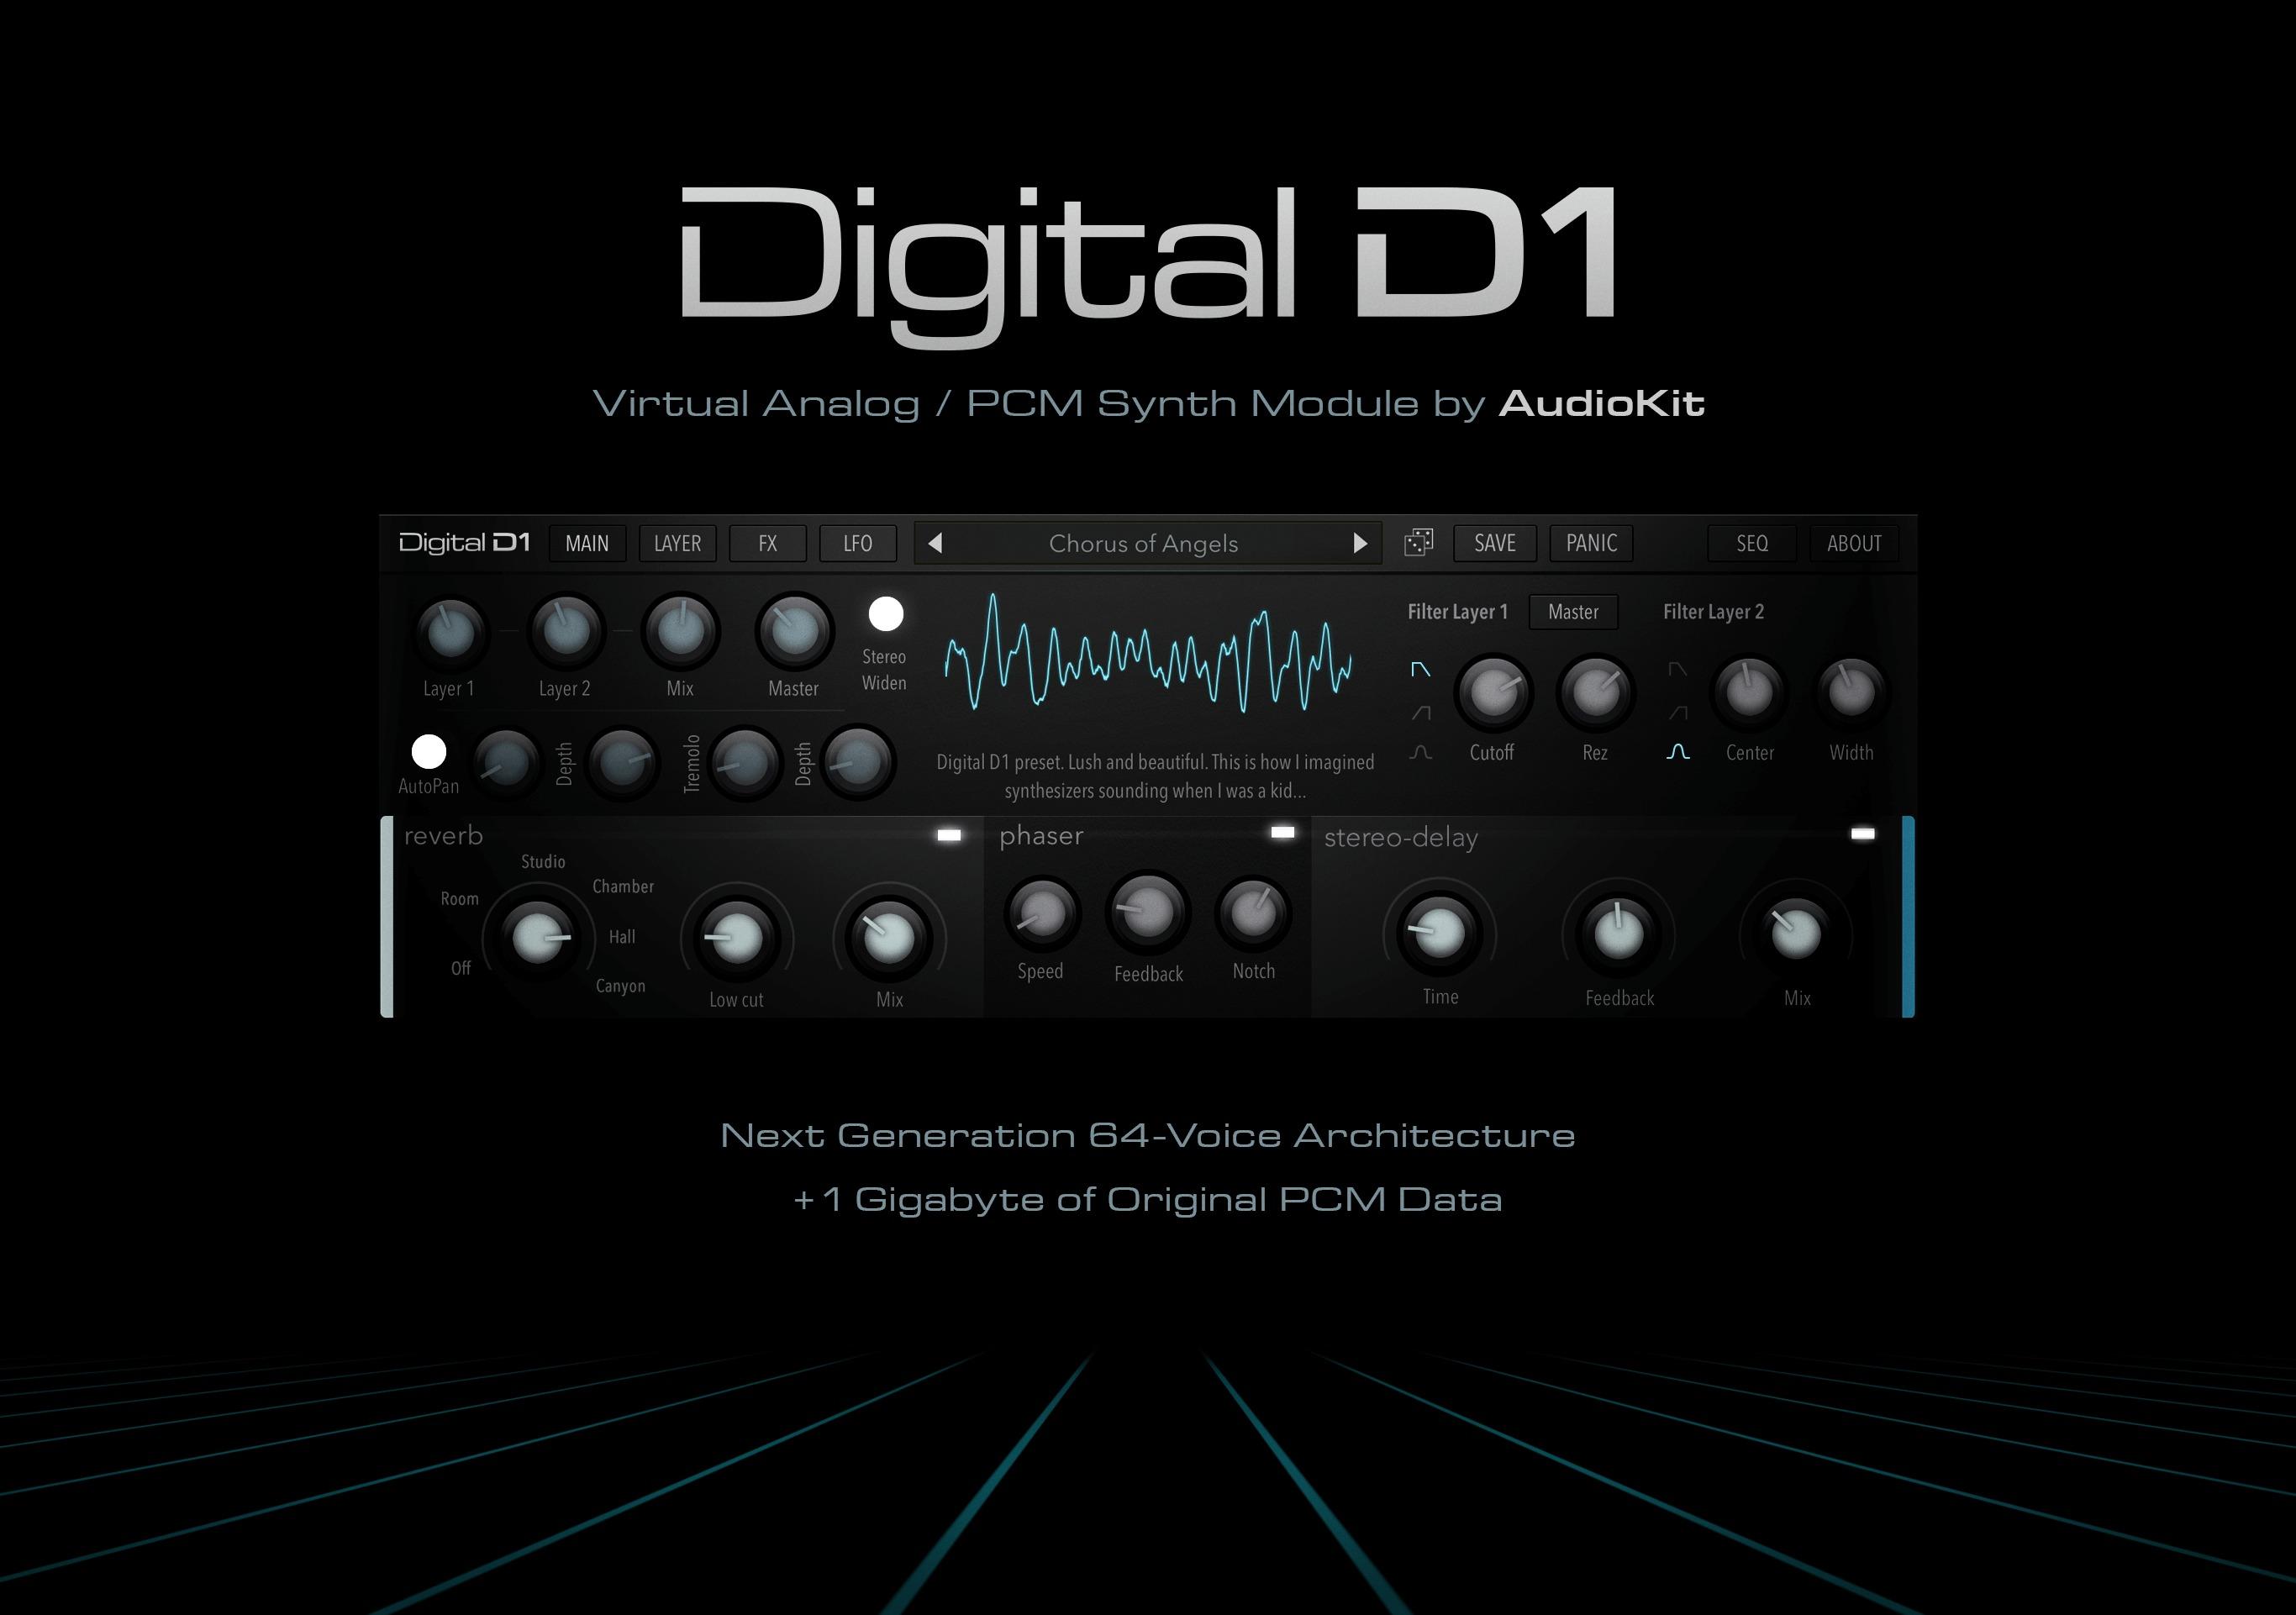 AudioKit Digital D1